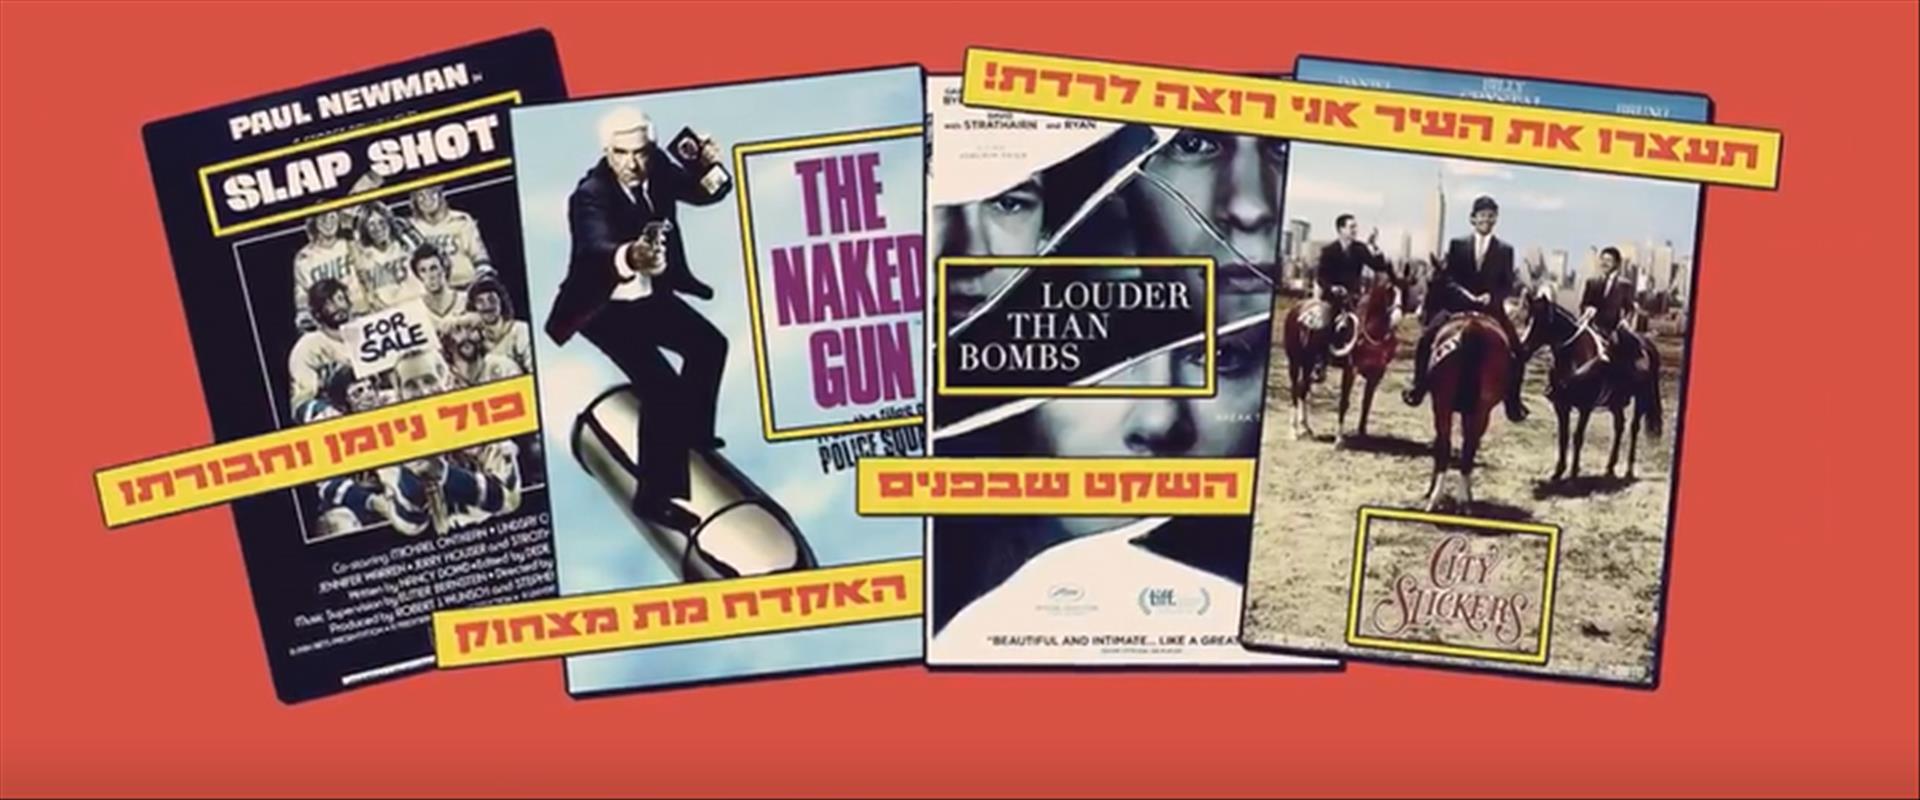 שמות בעברית לסרטים